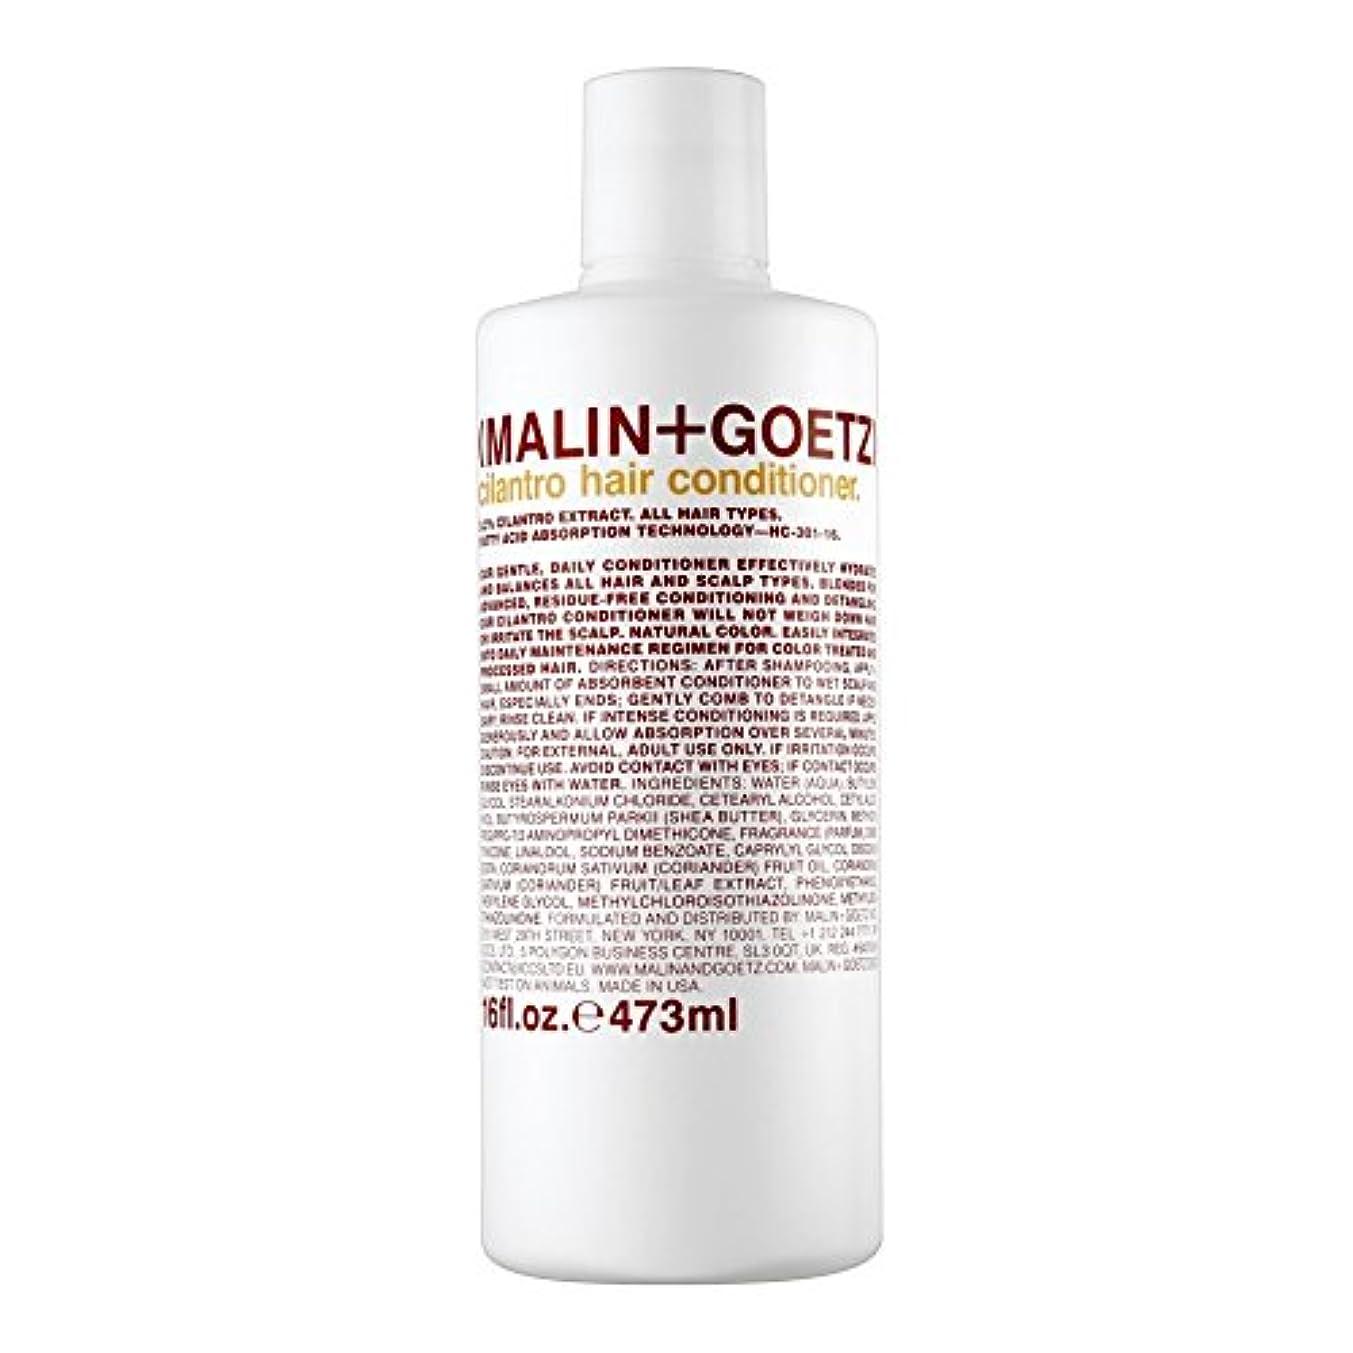 大佐リネン徴収MALIN+GOETZ Cilantro Hair Conditioner 473ml - マリン+ゲッツコリアンダーのヘアコンディショナー473ミリリットル [並行輸入品]